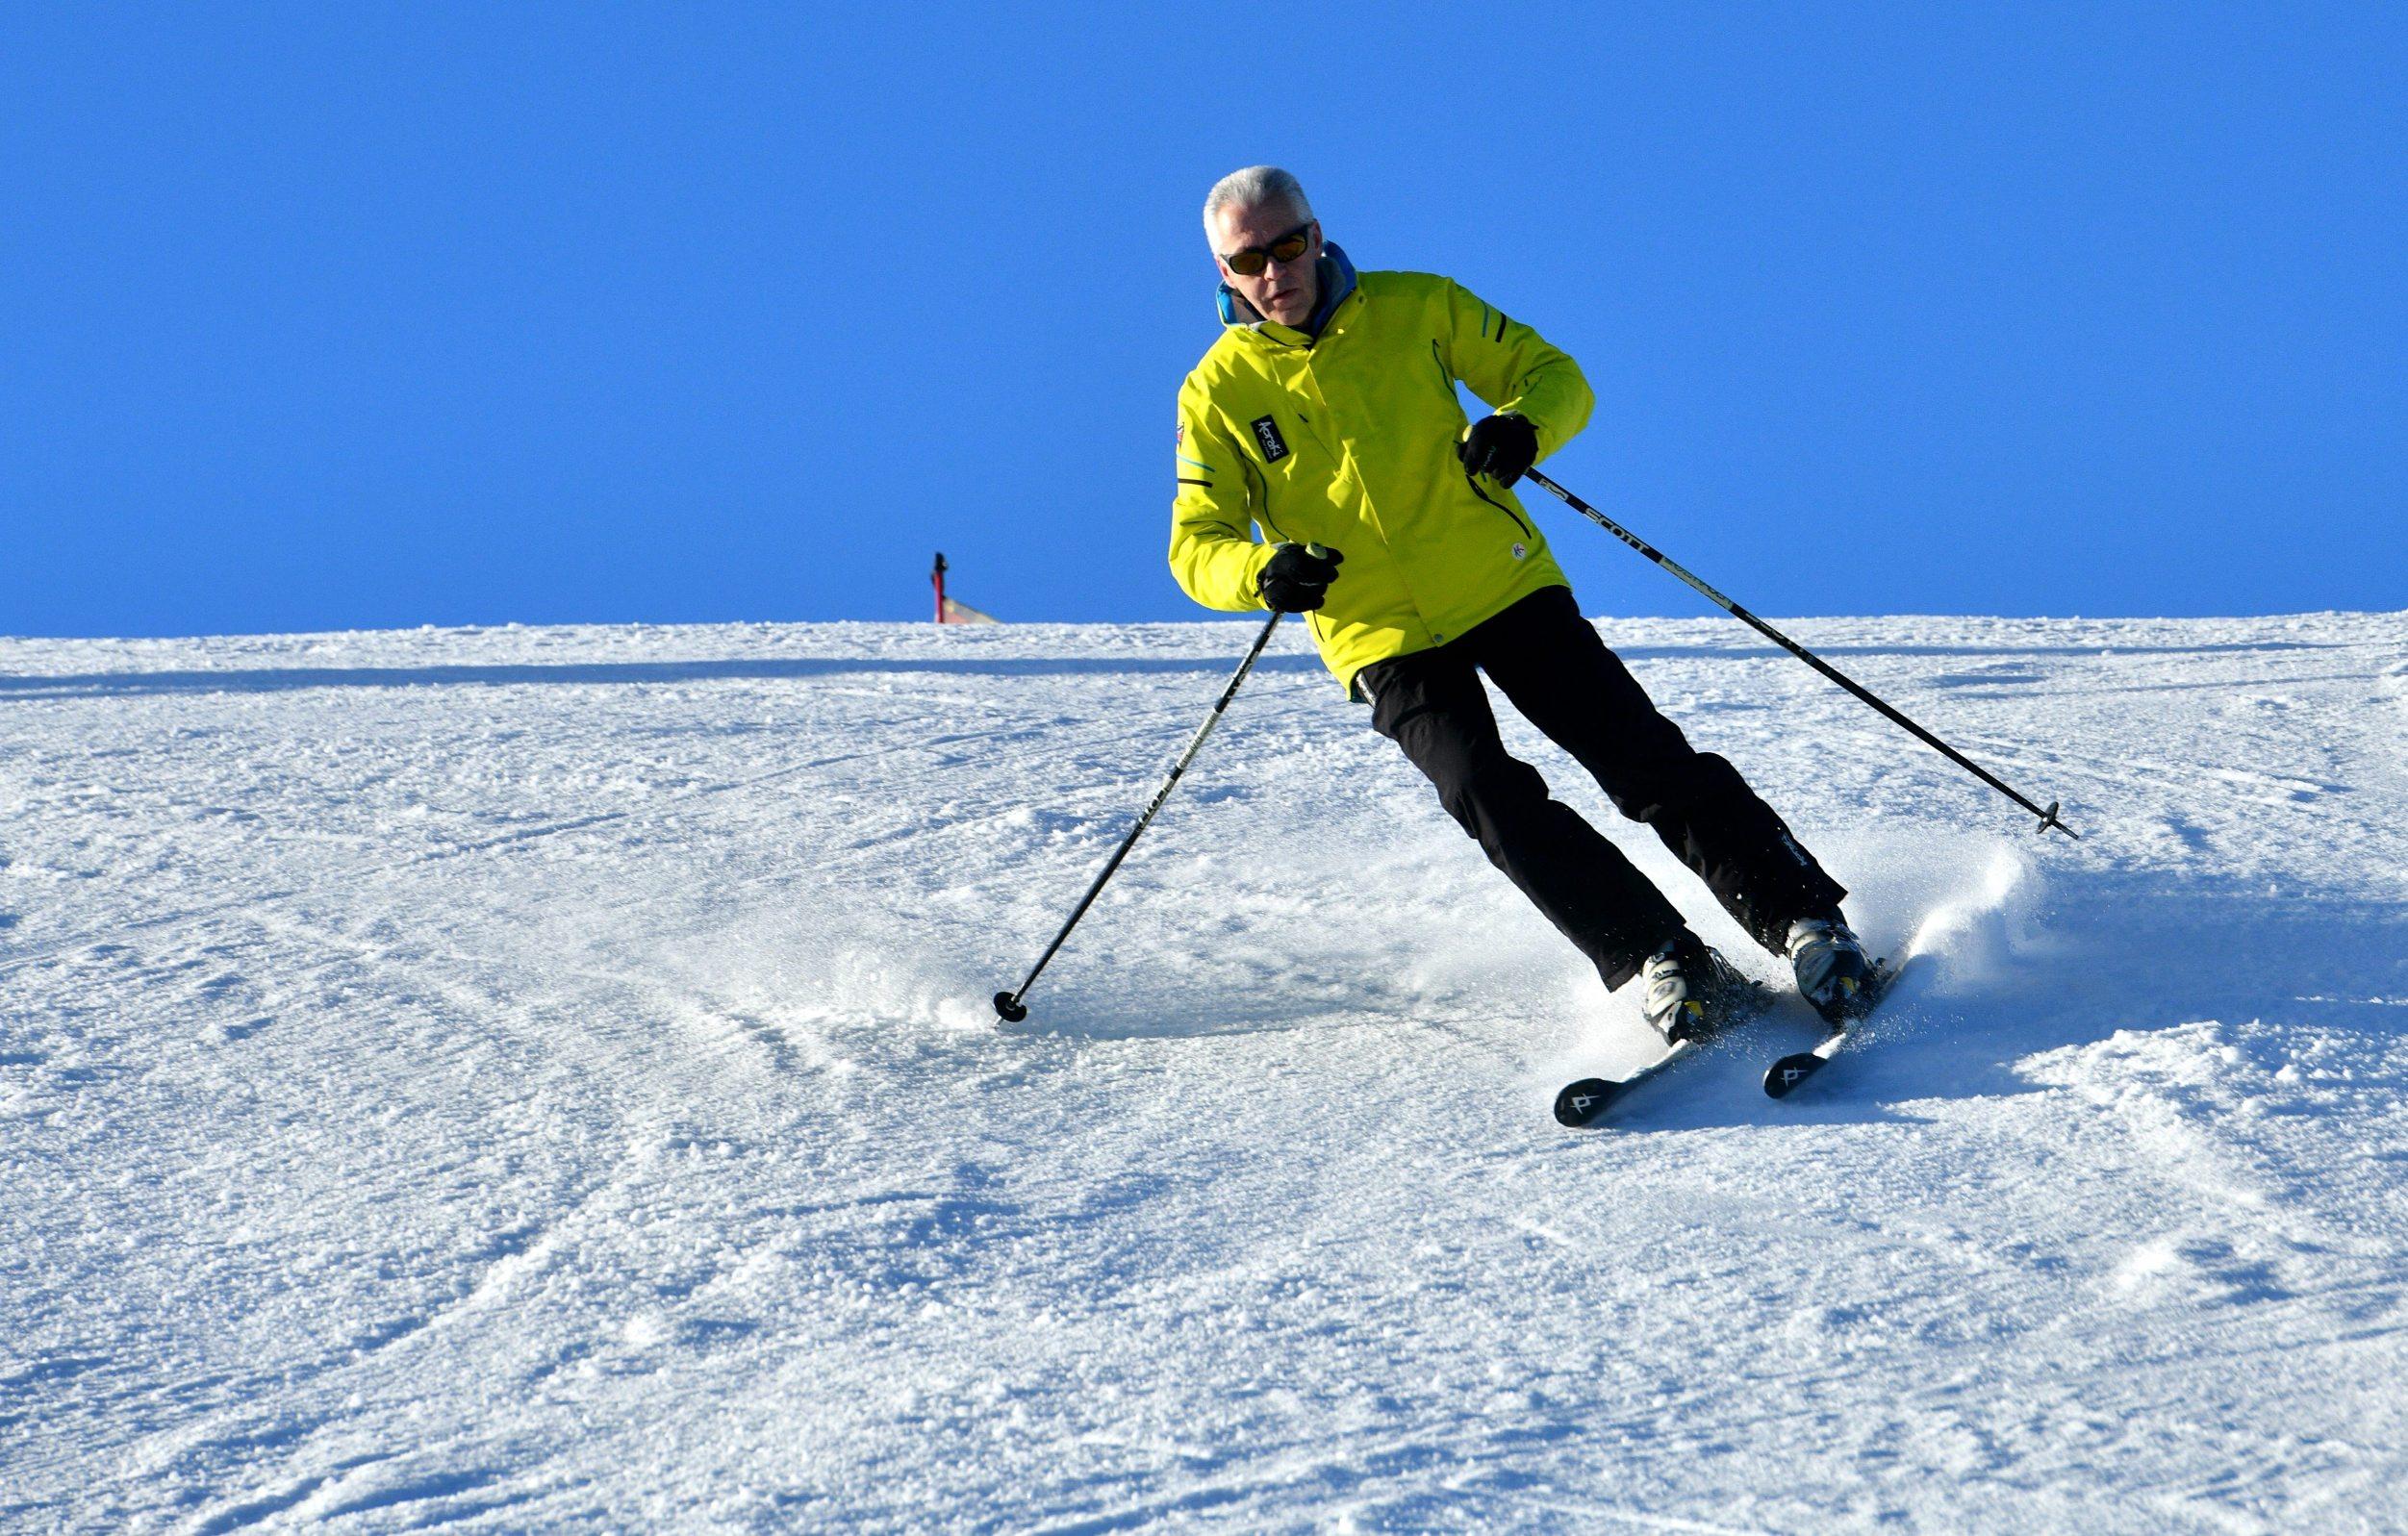 ski_patrola_ravascletto18-180120